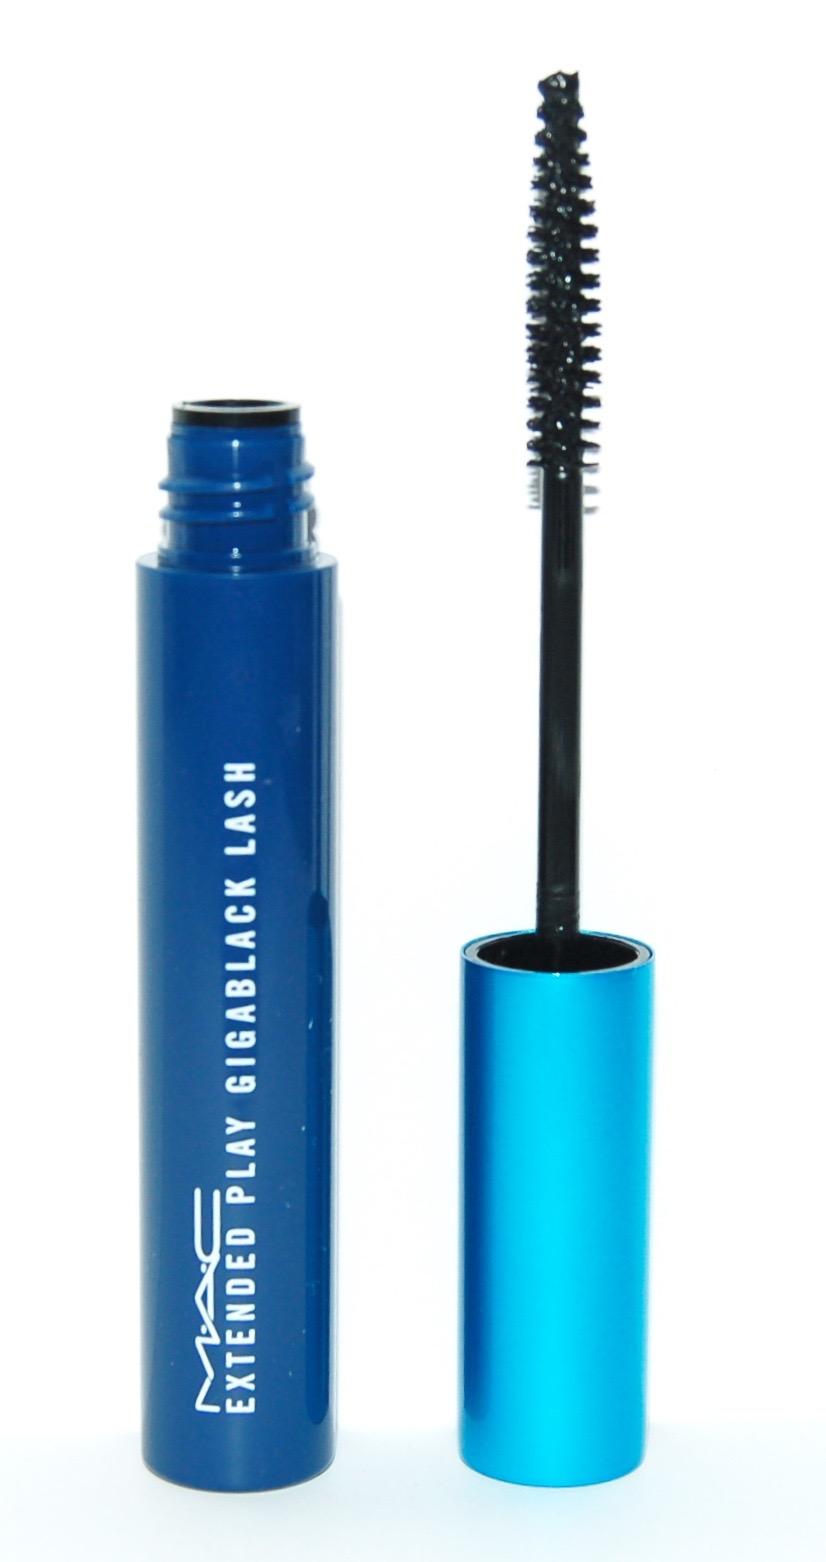 mac extended play mascara waterproof